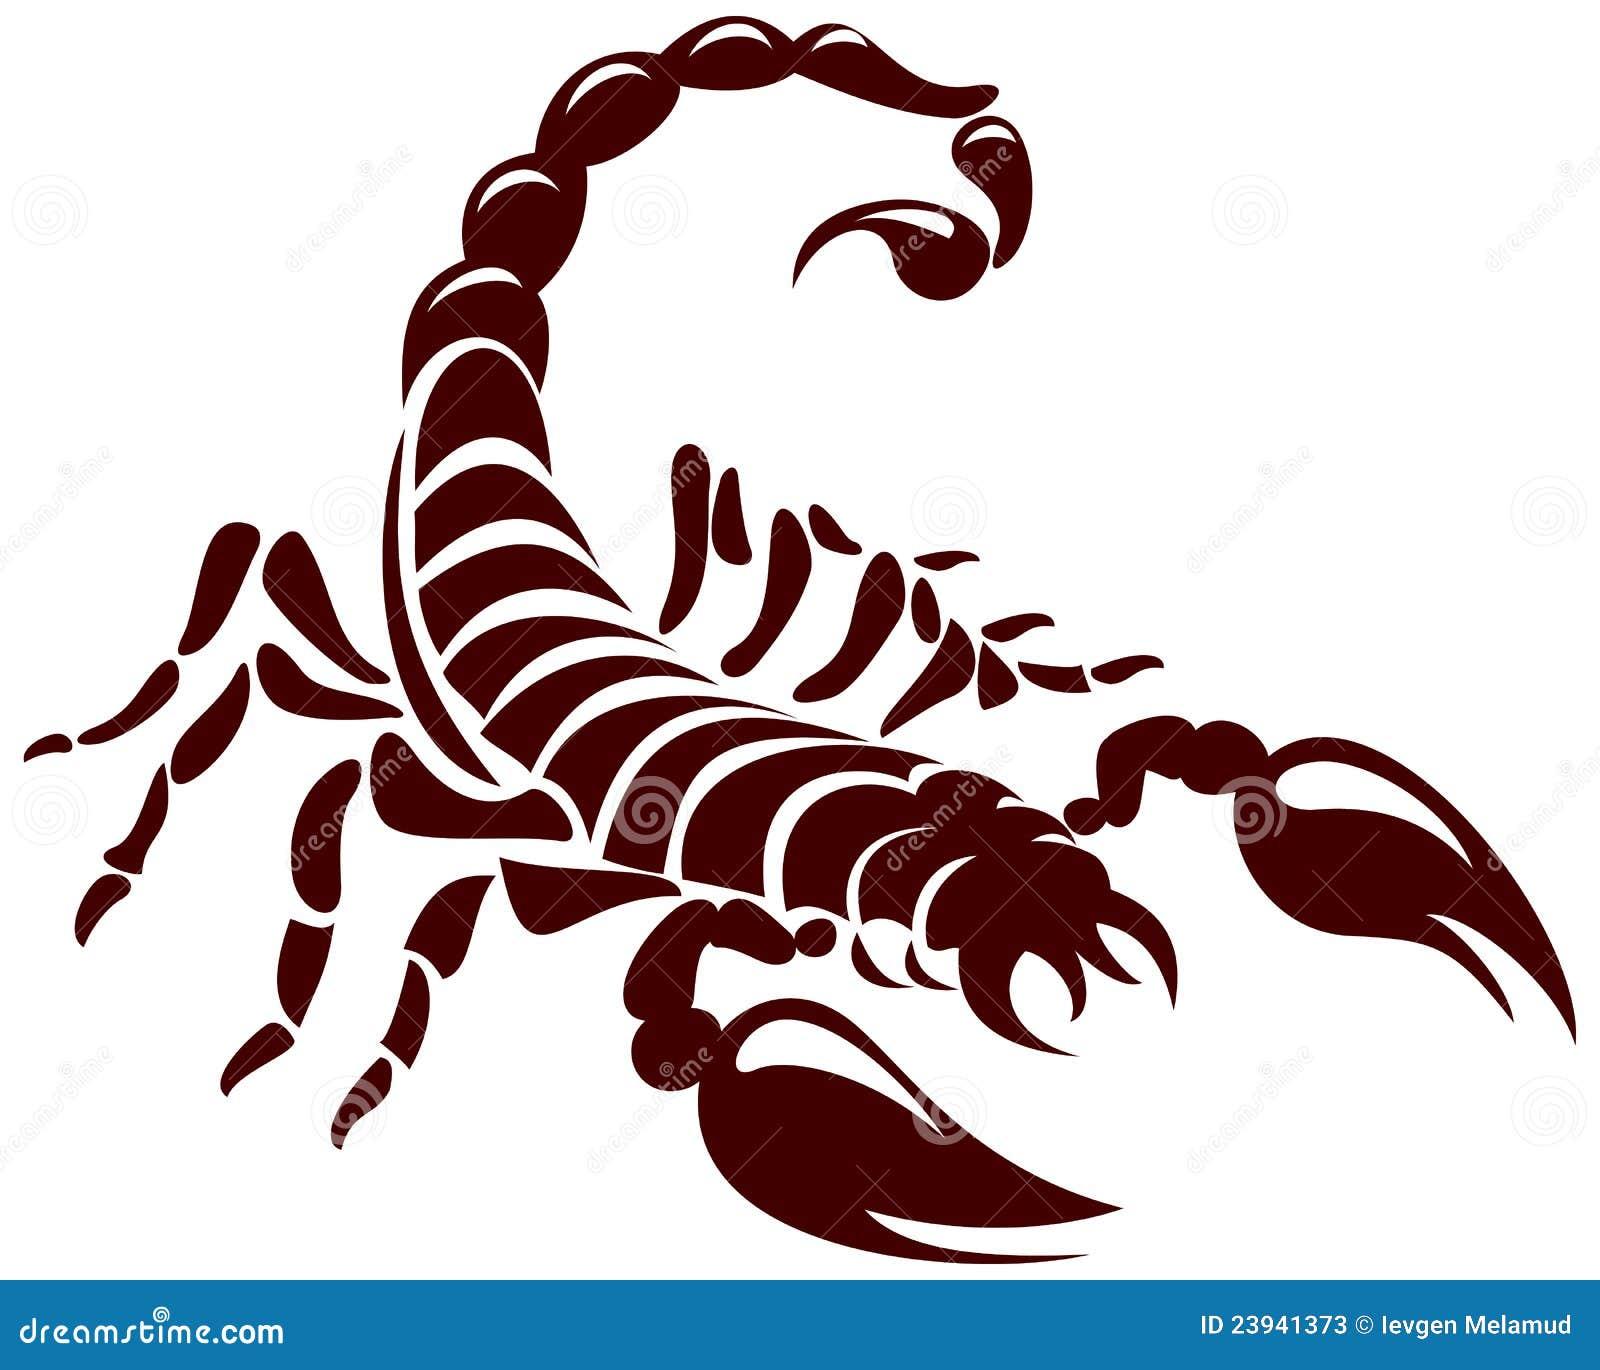 Scorpio M Tattoo Designs